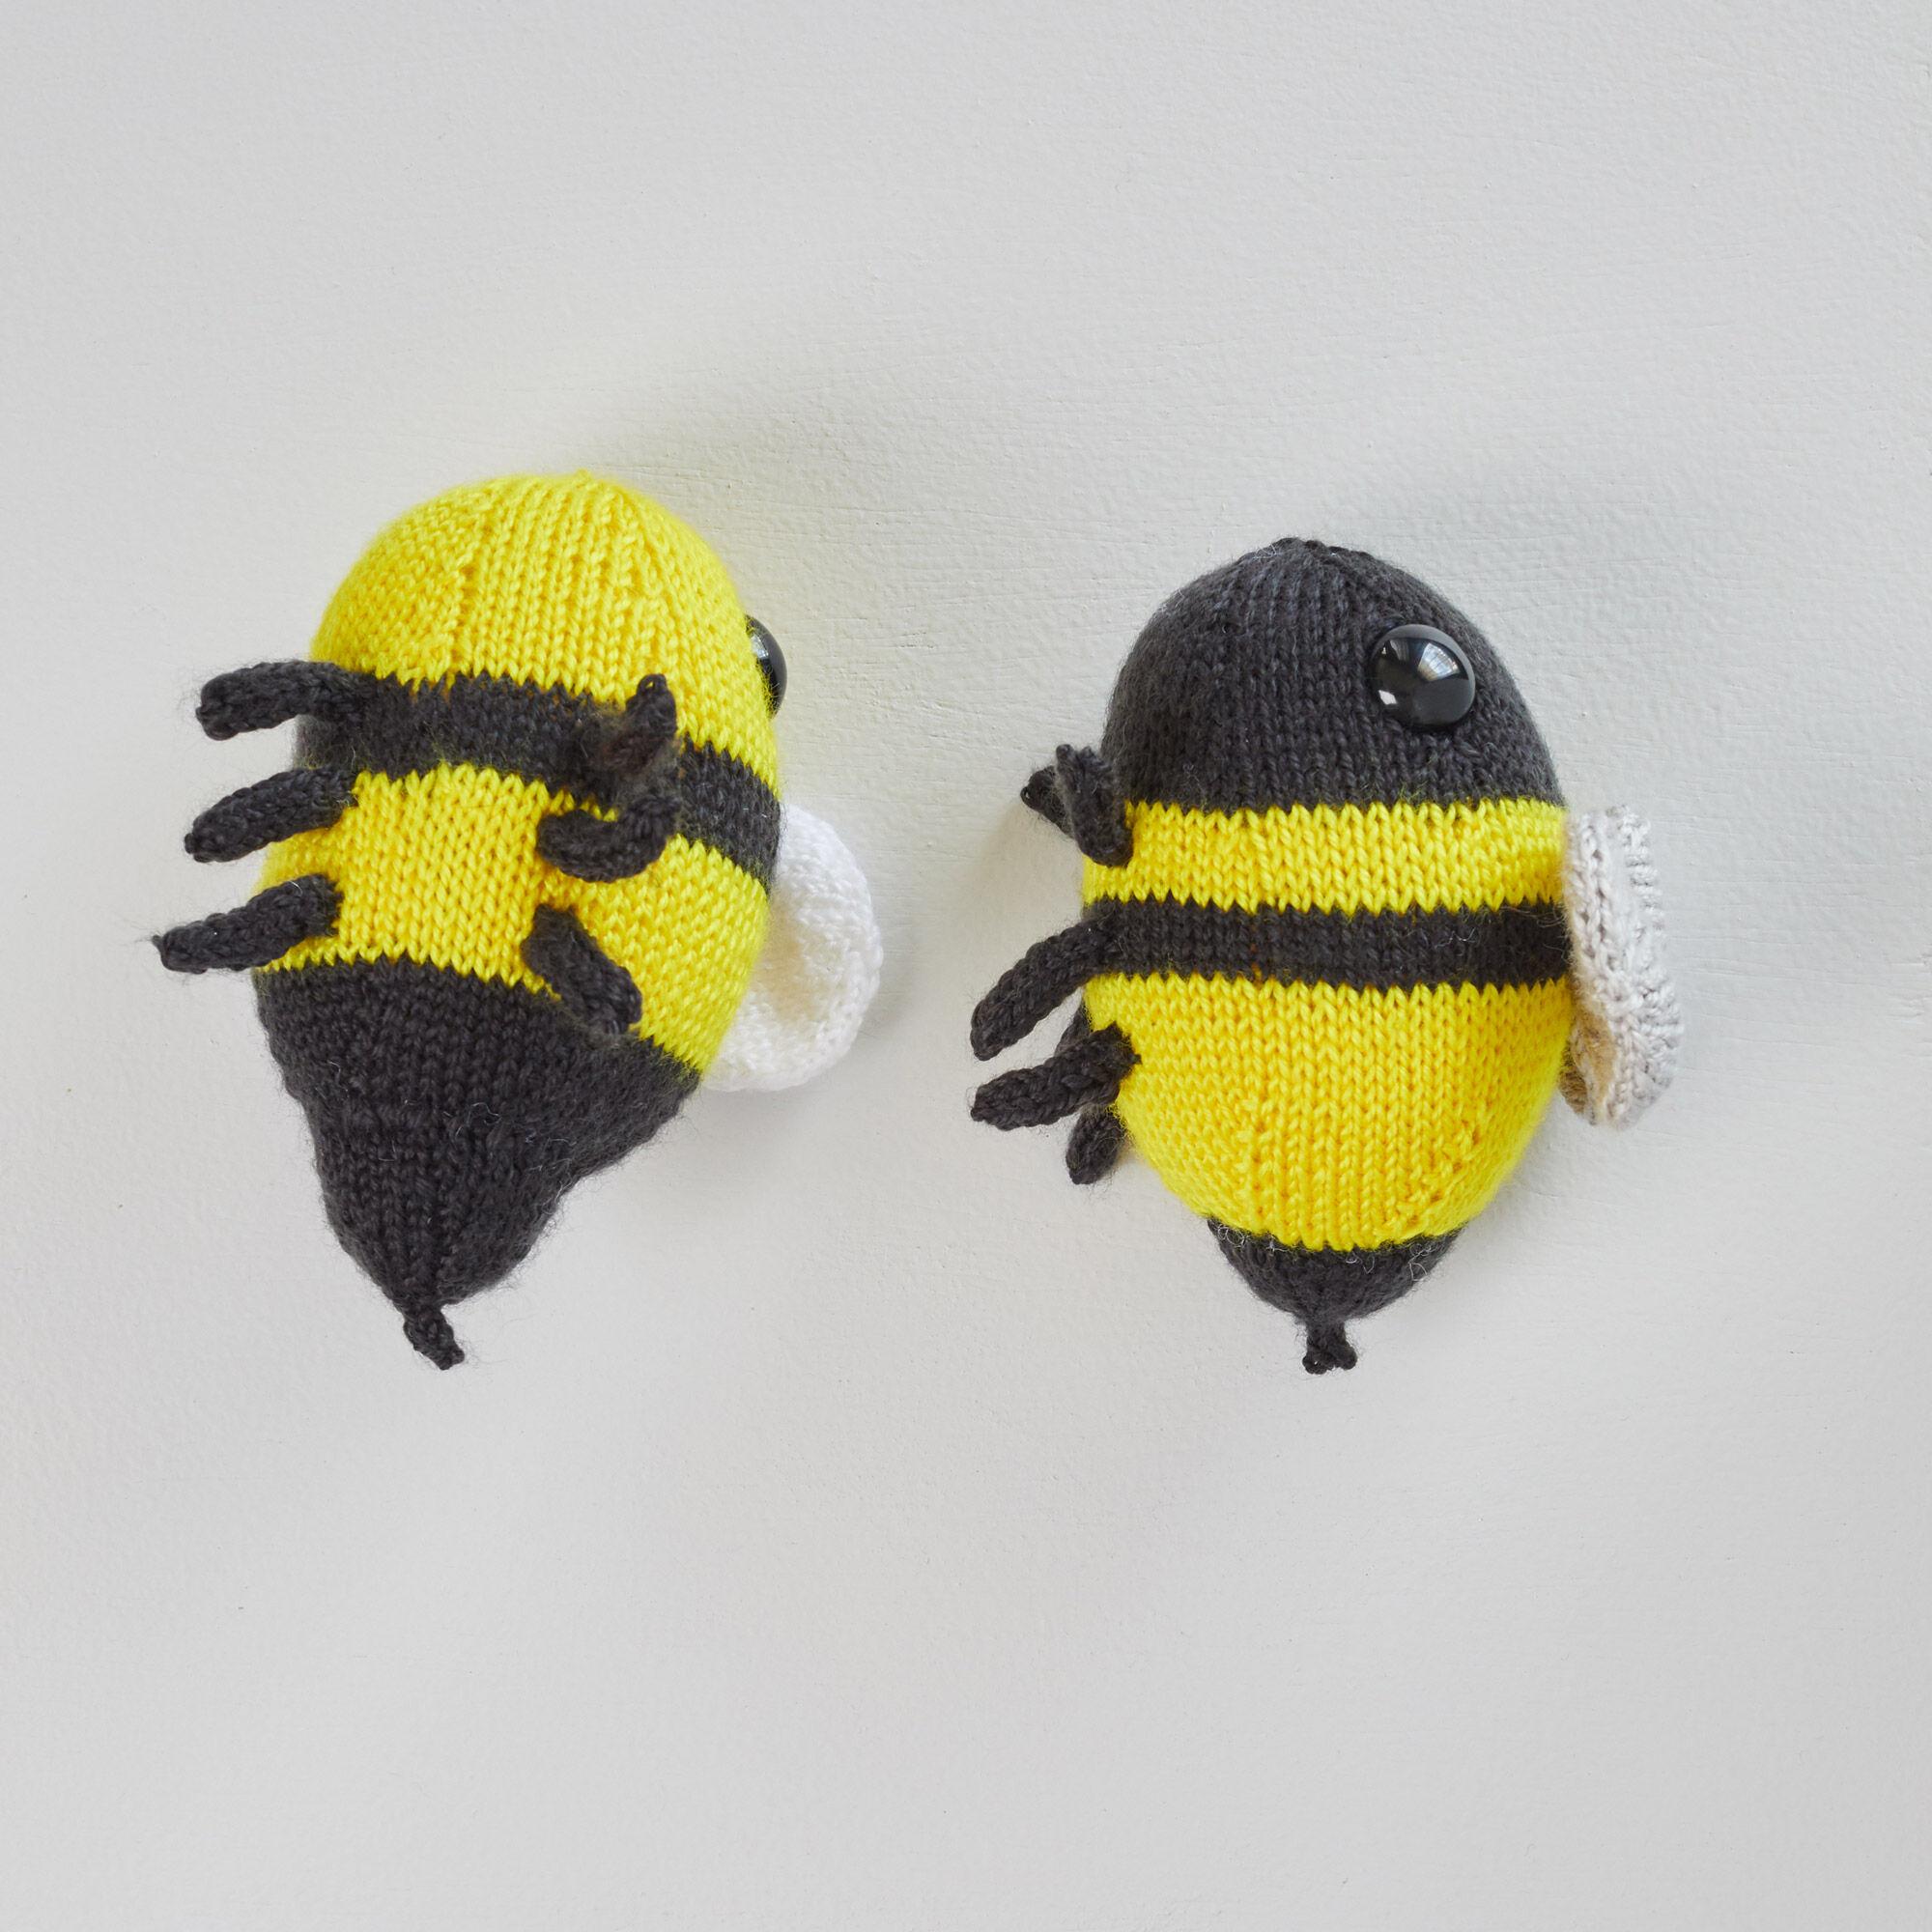 Baby Knitting Patterns Bumble Bee Free Amigurumi Crochet Pattern... | 2000x2000